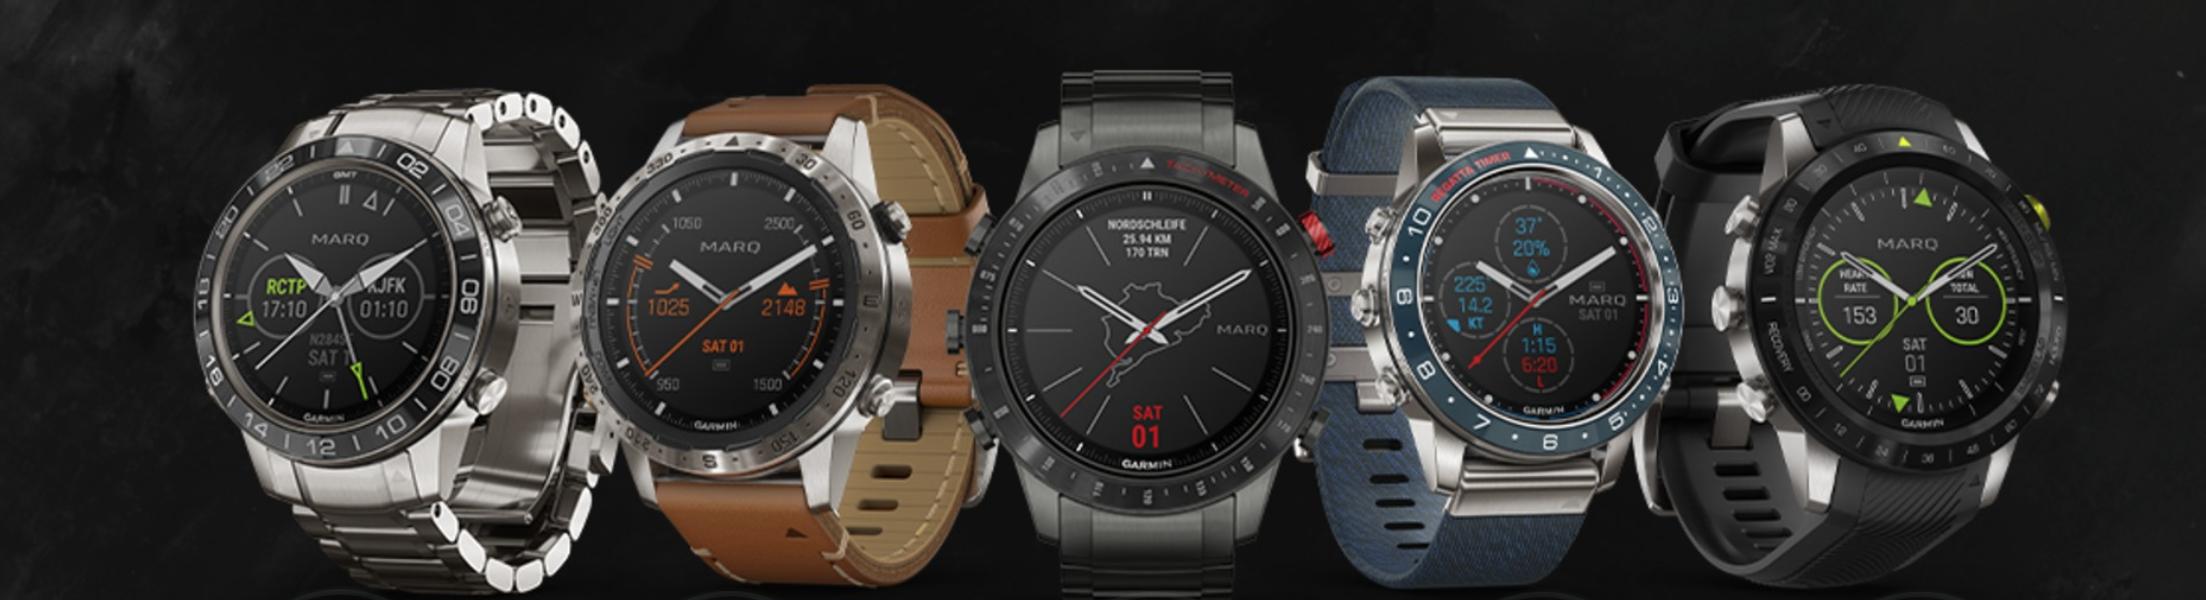 Looking for a $2,500 smartwatch? Garmin's got 'em Screen Shot 2019 03 14 at 4